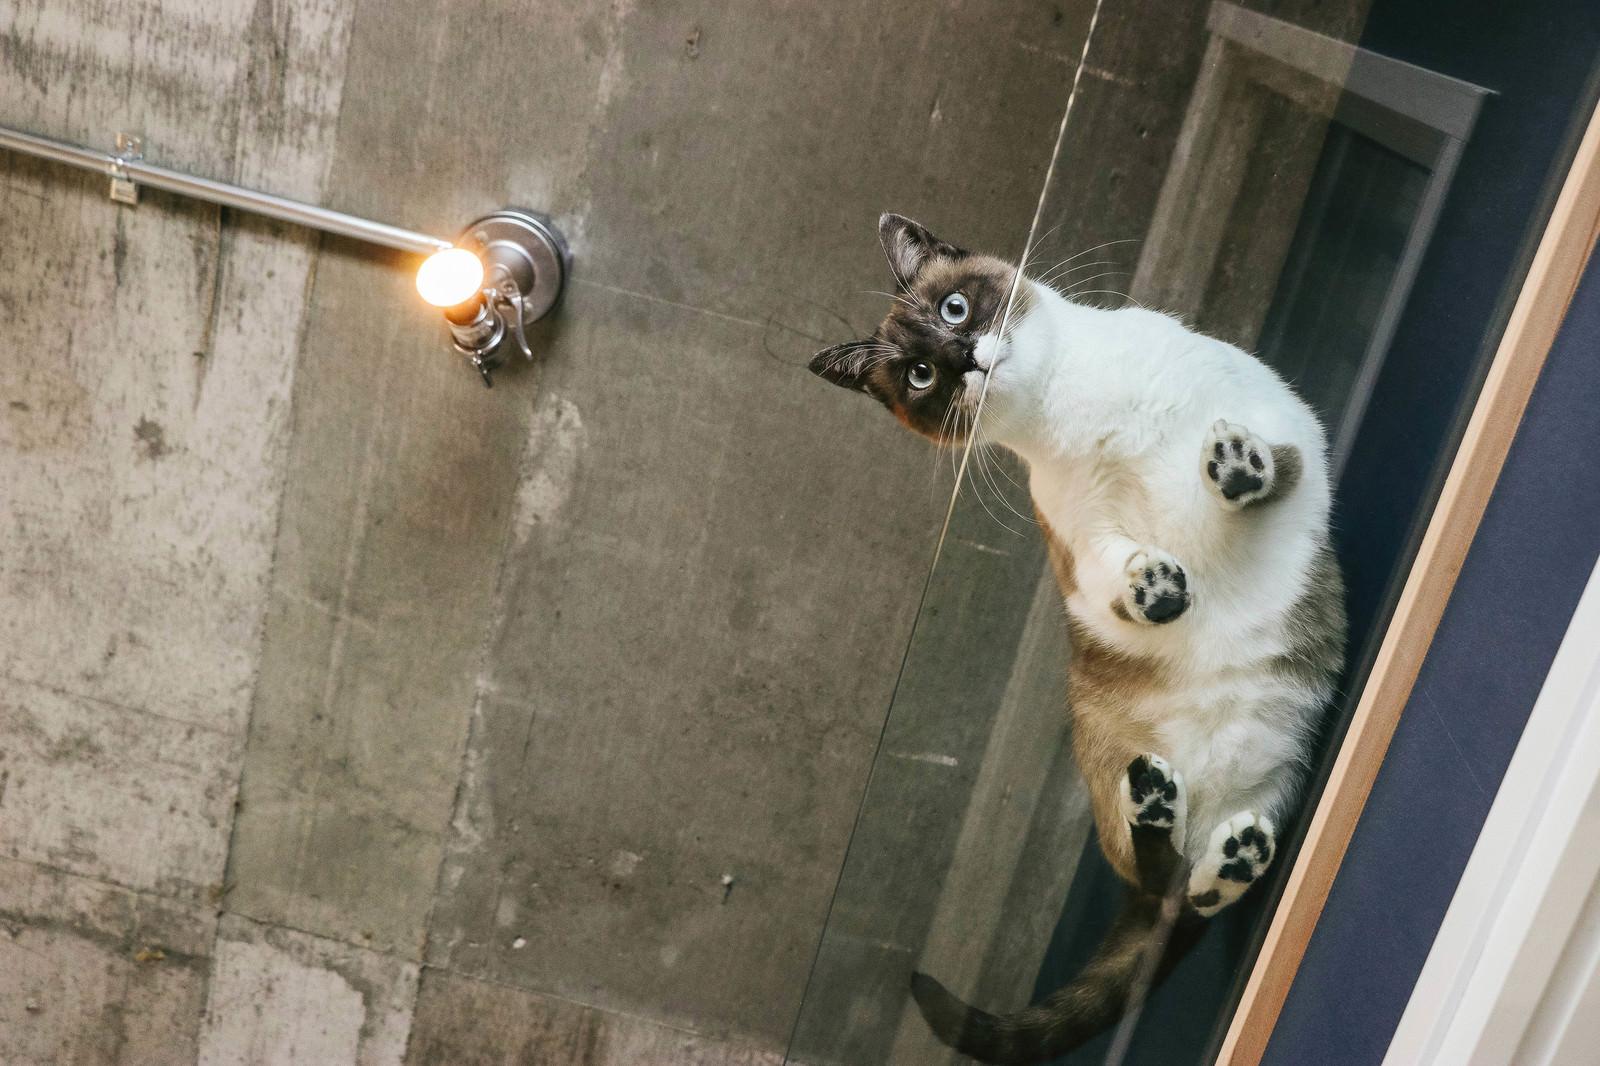 「猫と暮らす肉球ビュー(透明アクリル)猫と暮らす肉球ビュー(透明アクリル)」のフリー写真素材を拡大